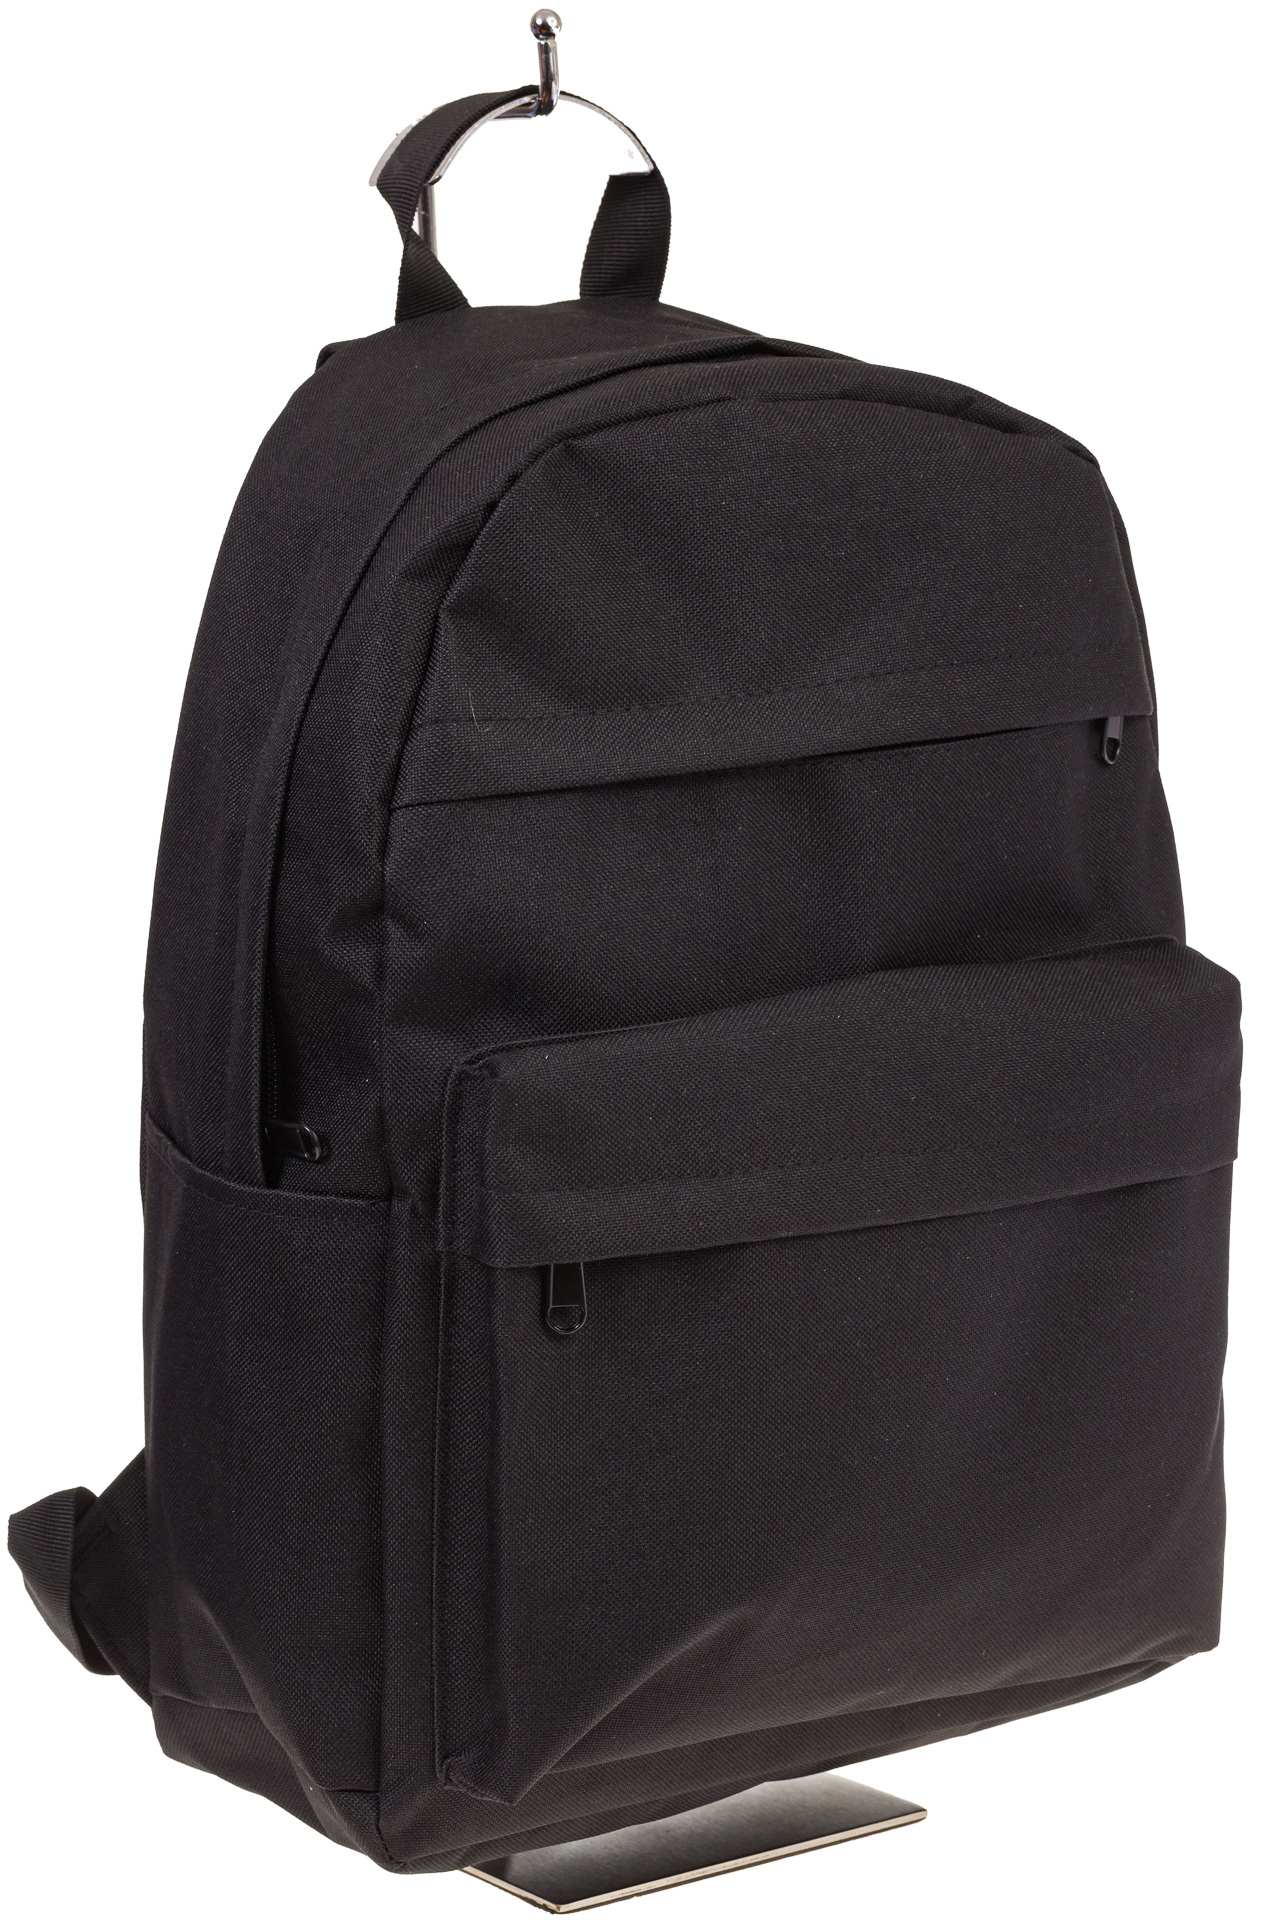 На фото универсальный молодежный рюкзак, цвет – черный, материал – текстиль, купить оптом в магазине Грета